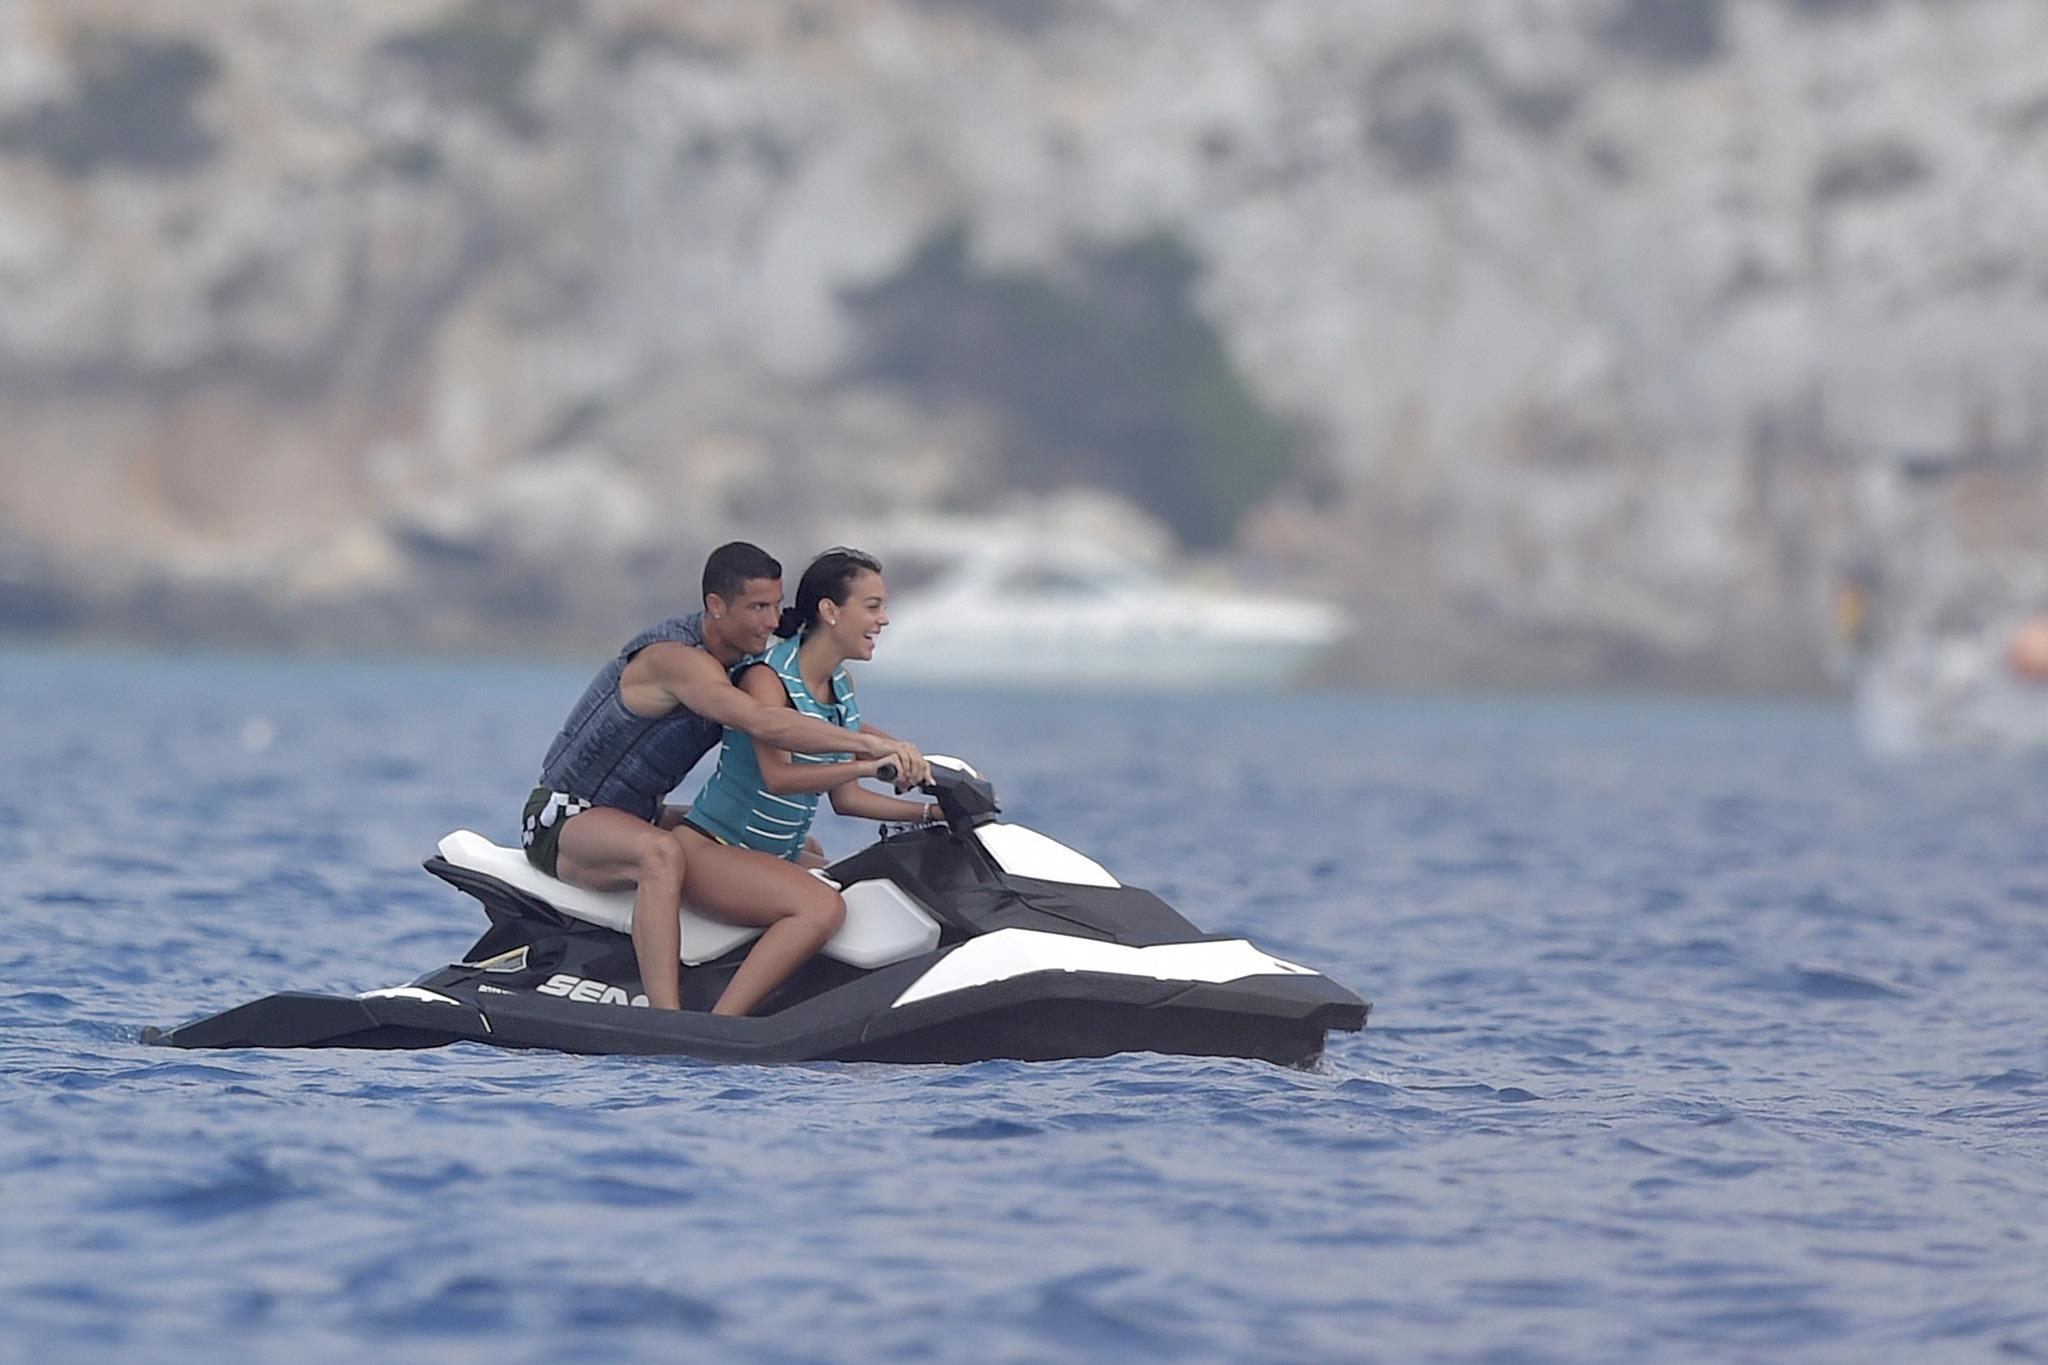 La pareja aprovechó para hacer deporte a bordo de una moto acuática